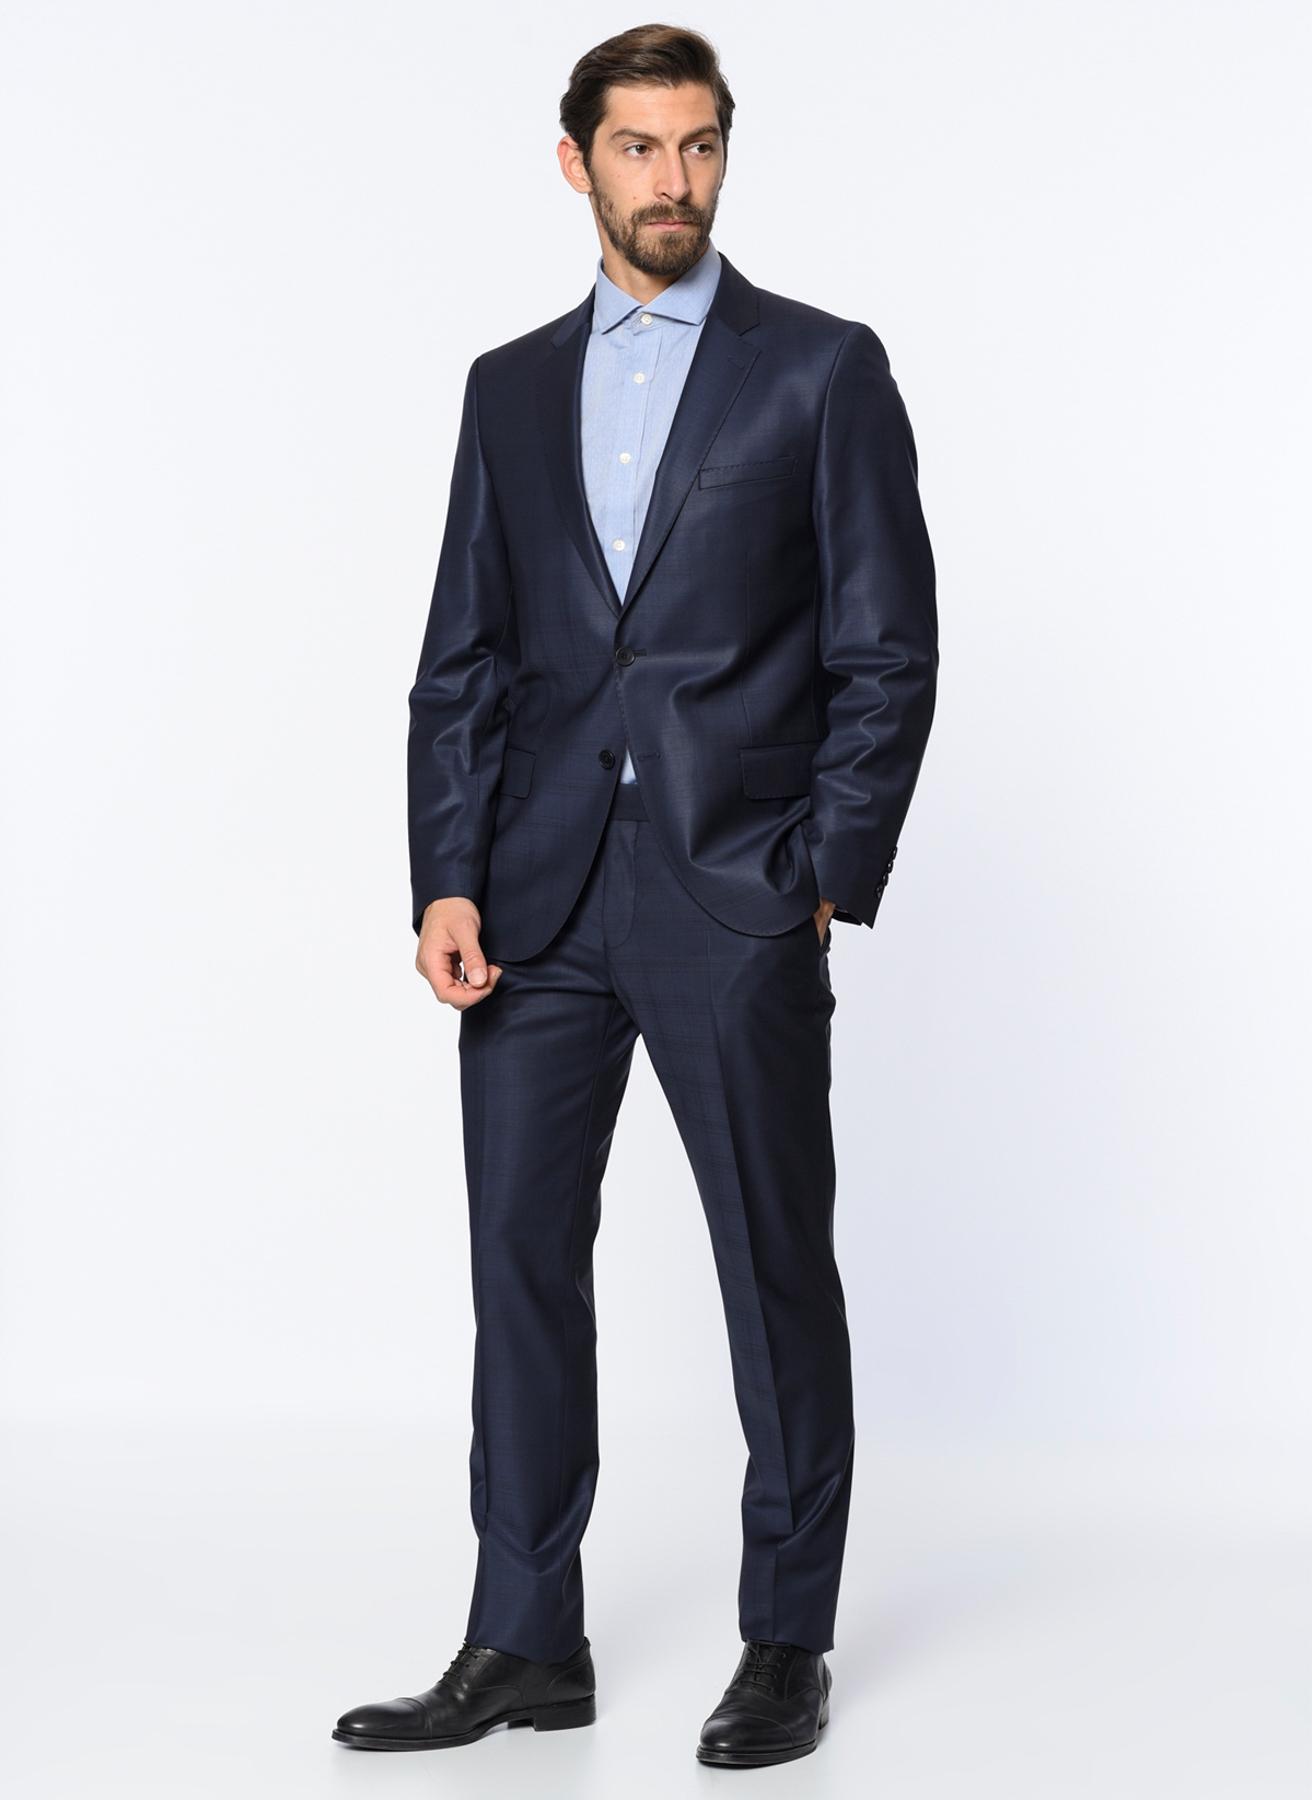 Beymen Business Takım Elbise 52-6 5000384532003 Ürün Resmi